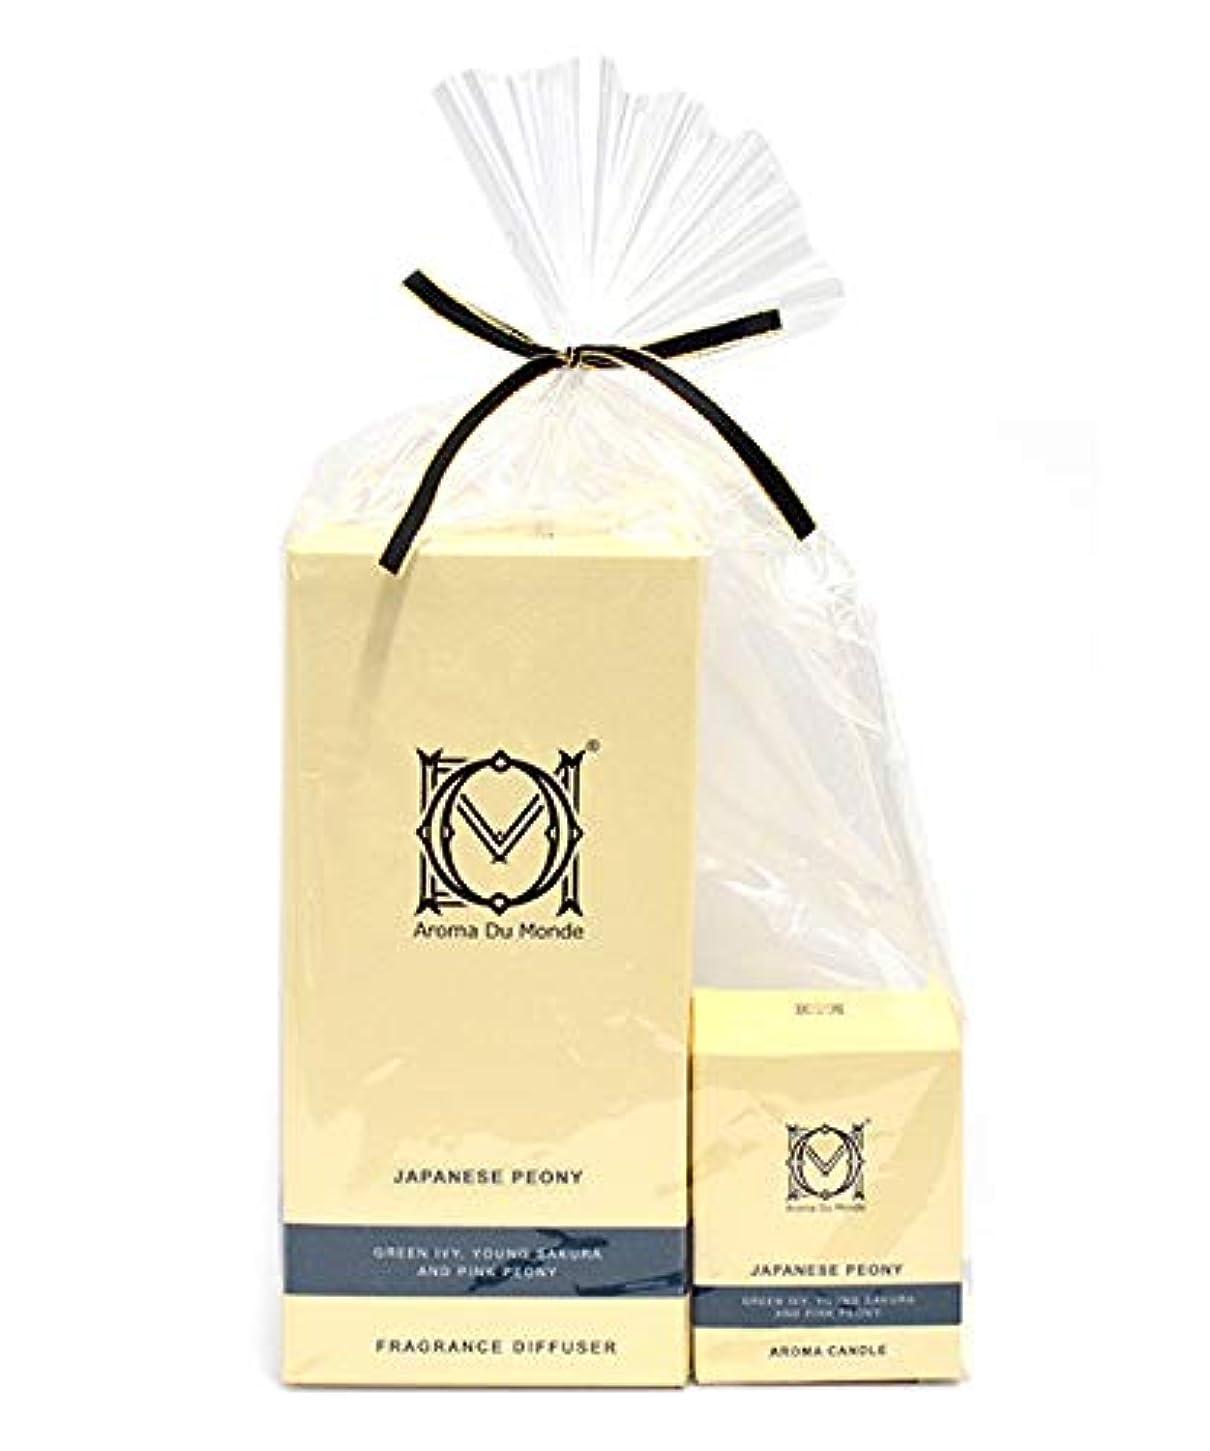 羊の服を着た狼勧める多様なフレグランスディフューザー&キャンドル JPピオニー セット Aroma Du Monde/ADM Fragrance Diffuser & Candle Japanese Peony Set 81158